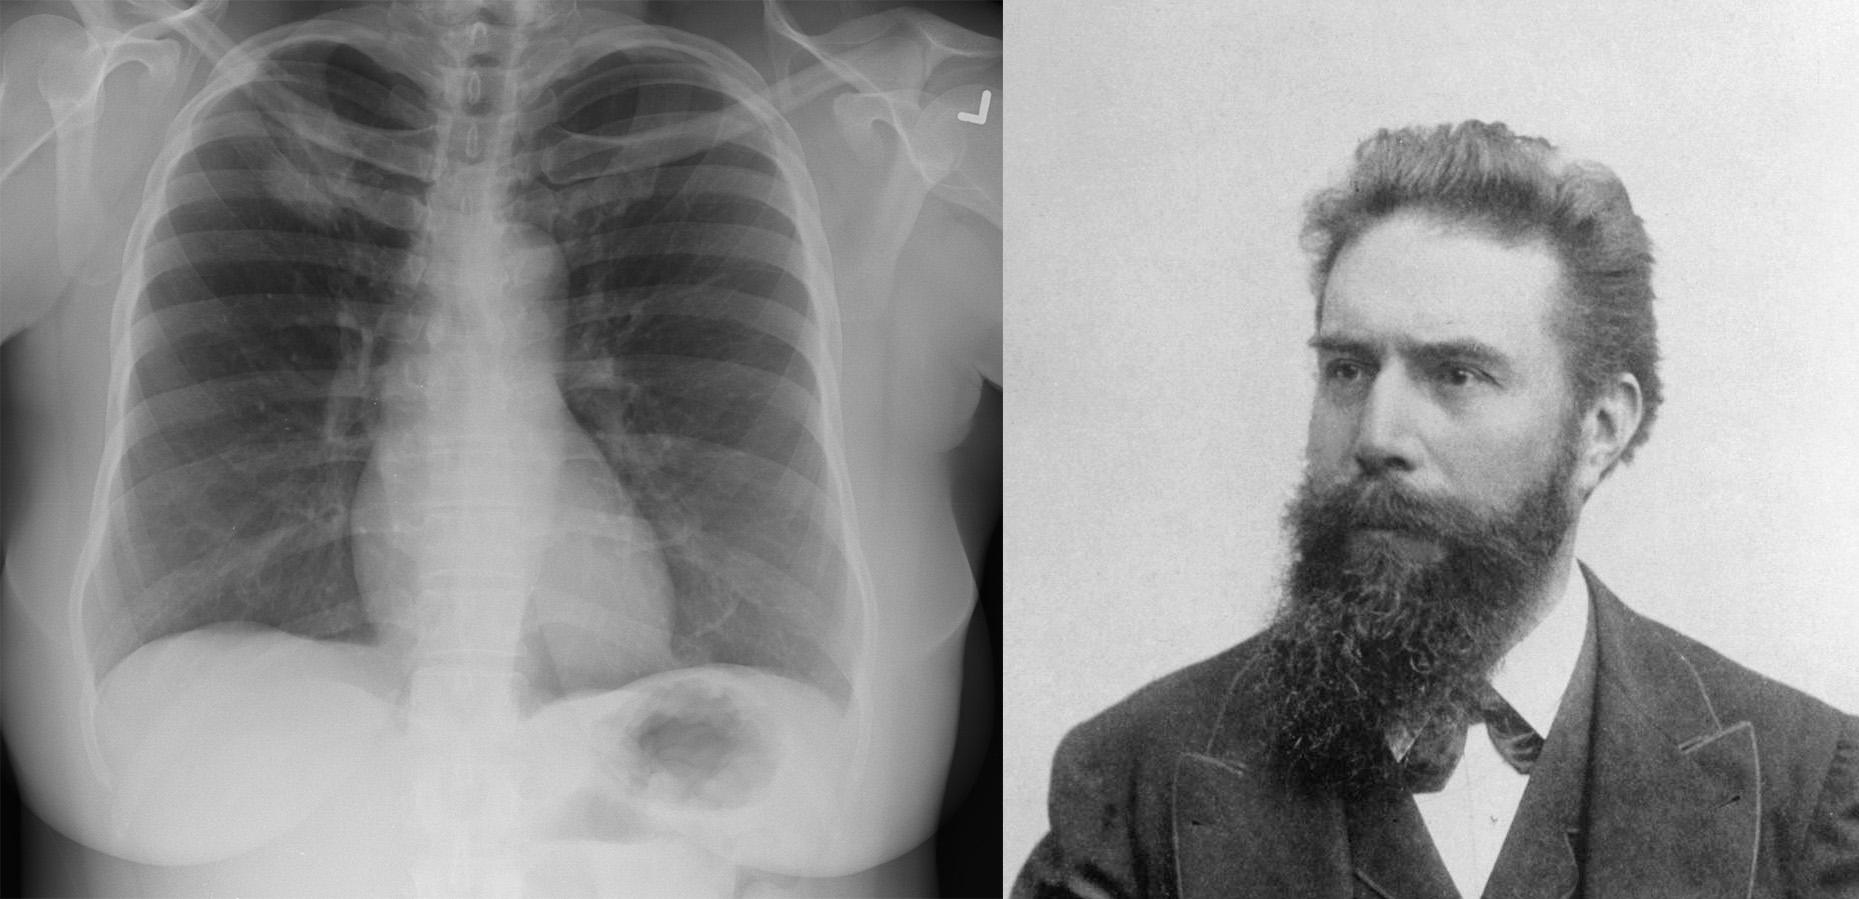 فيلهلم كونراد رونتجن وصورة لاشعة سينية